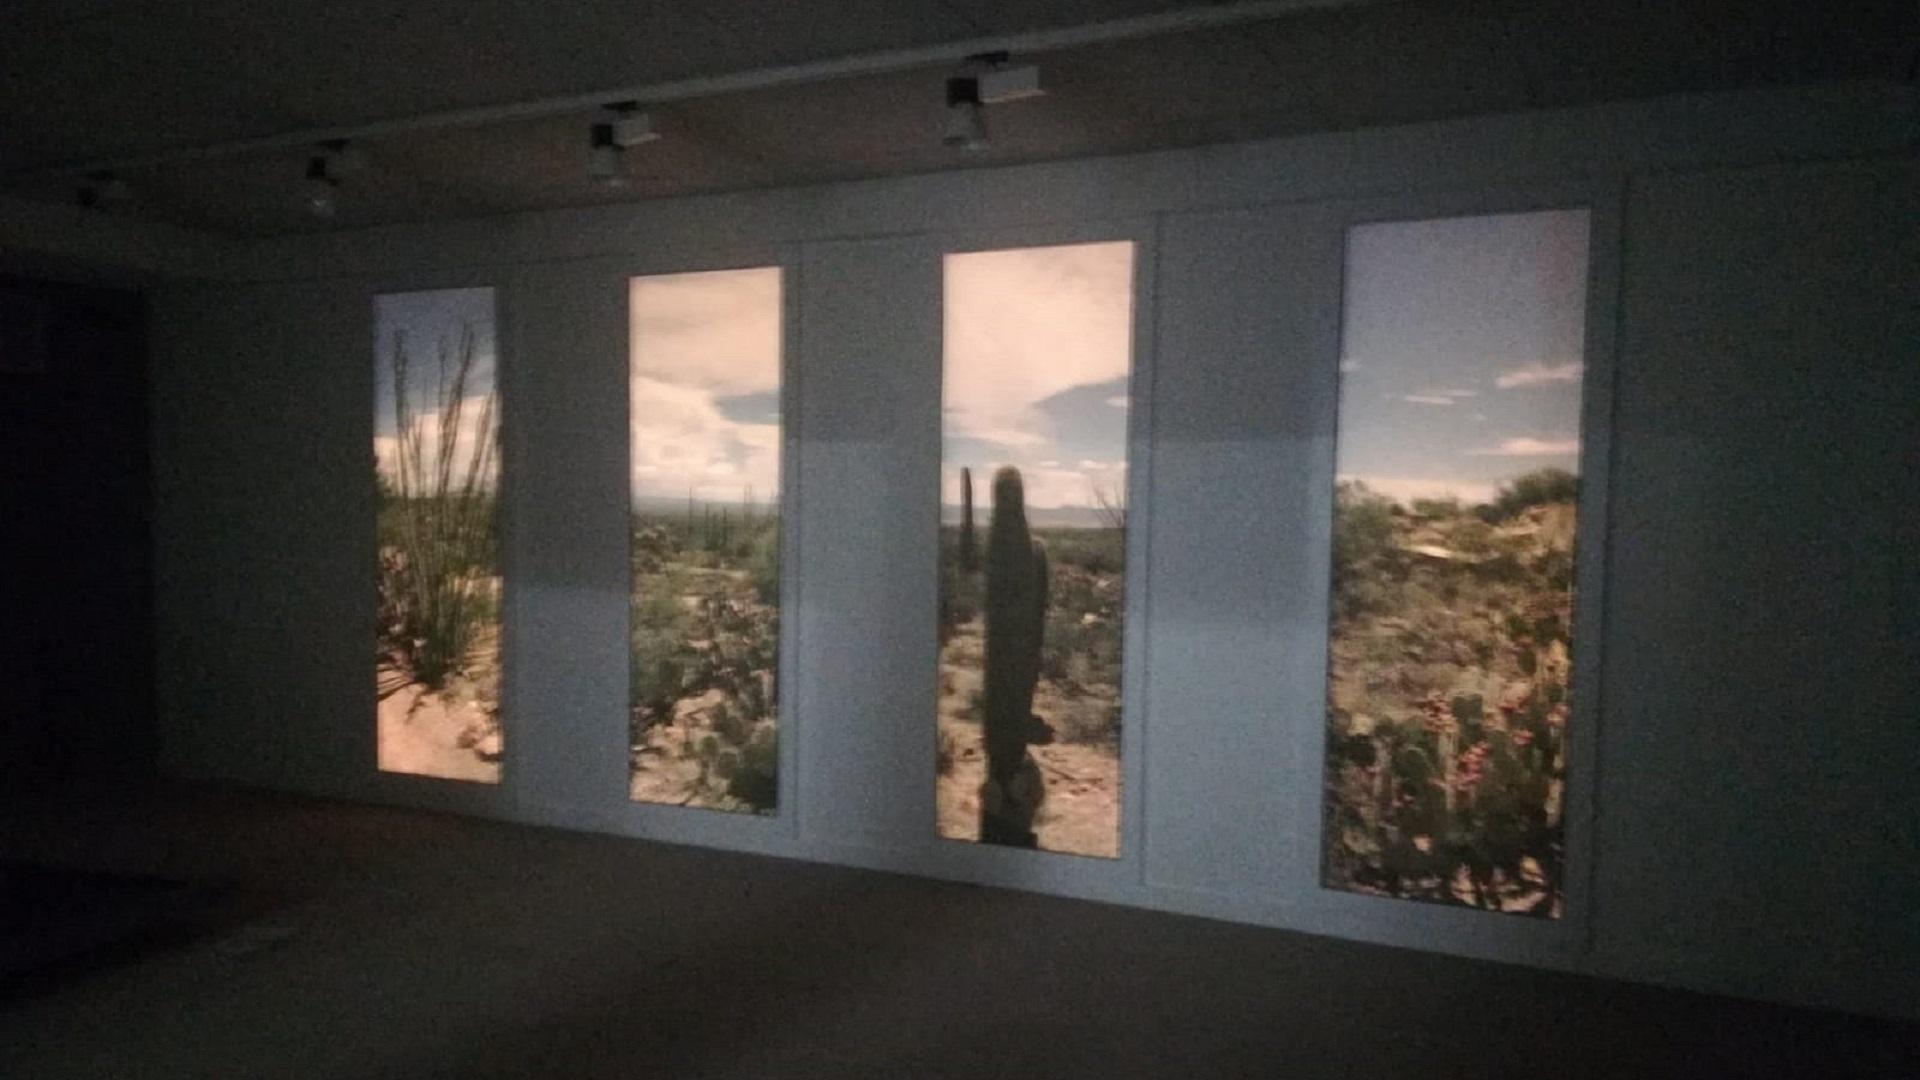 Emejing Wanddecoratie Met Verlichting Images - Ideeën Voor Thuis ...